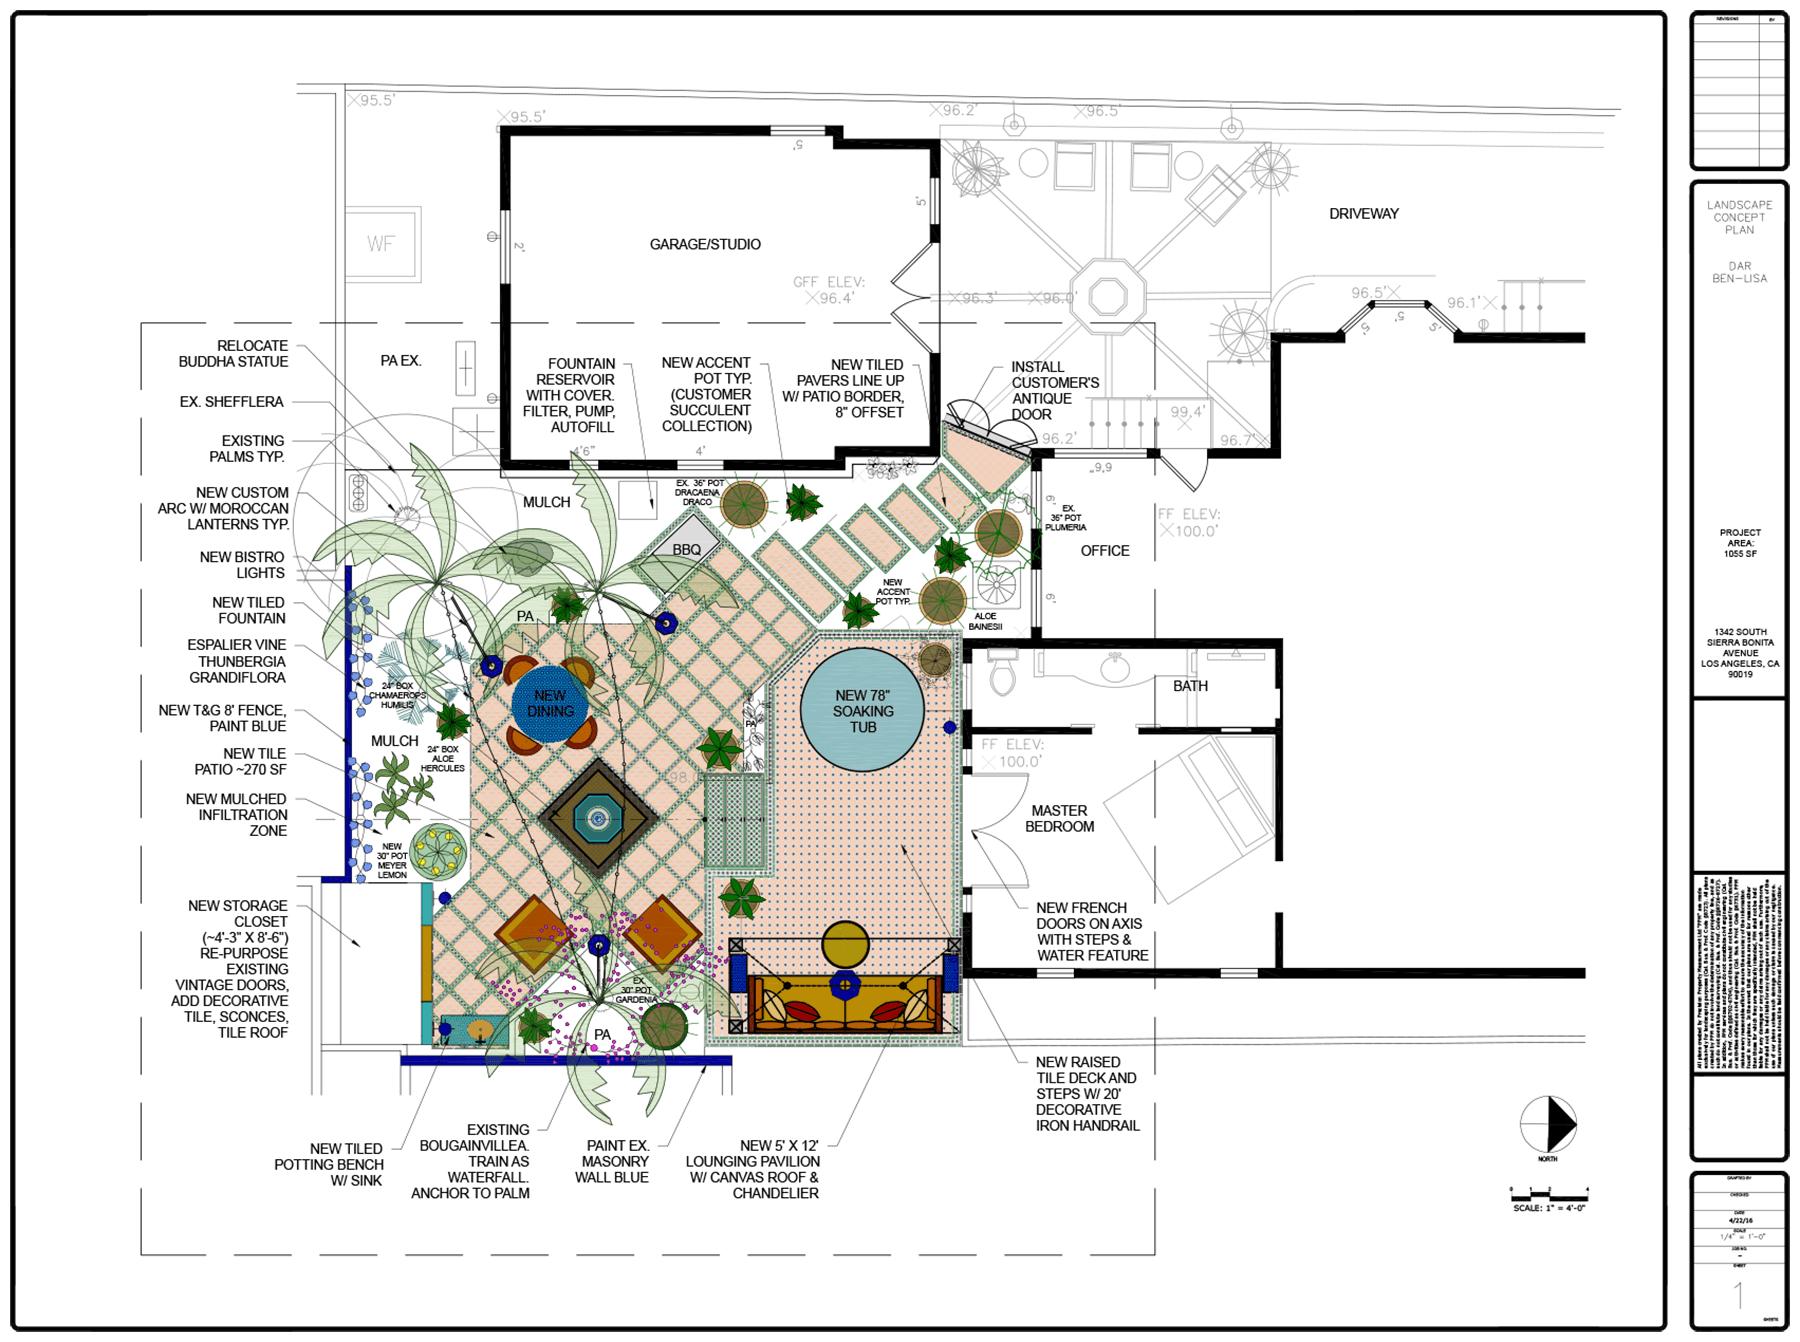 Project design sketch for Dar Ben-Lisa